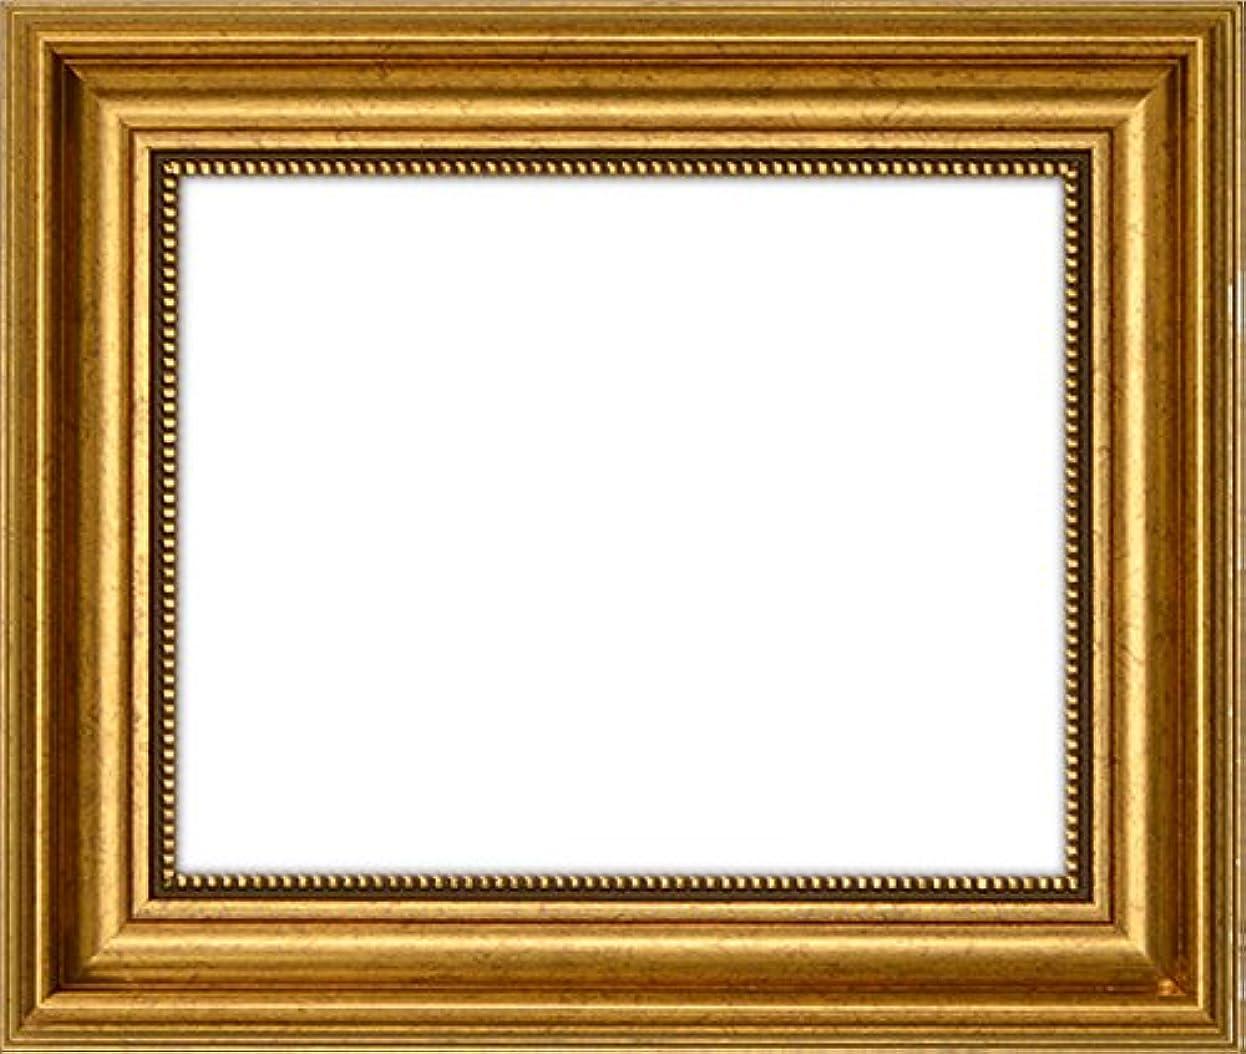 不倫今晩空白【アウトレット】 デッサン額縁 8111/ゴールド A4サイズ(297×210mm) ガラス【8111/ゴールド/A4/ガ】